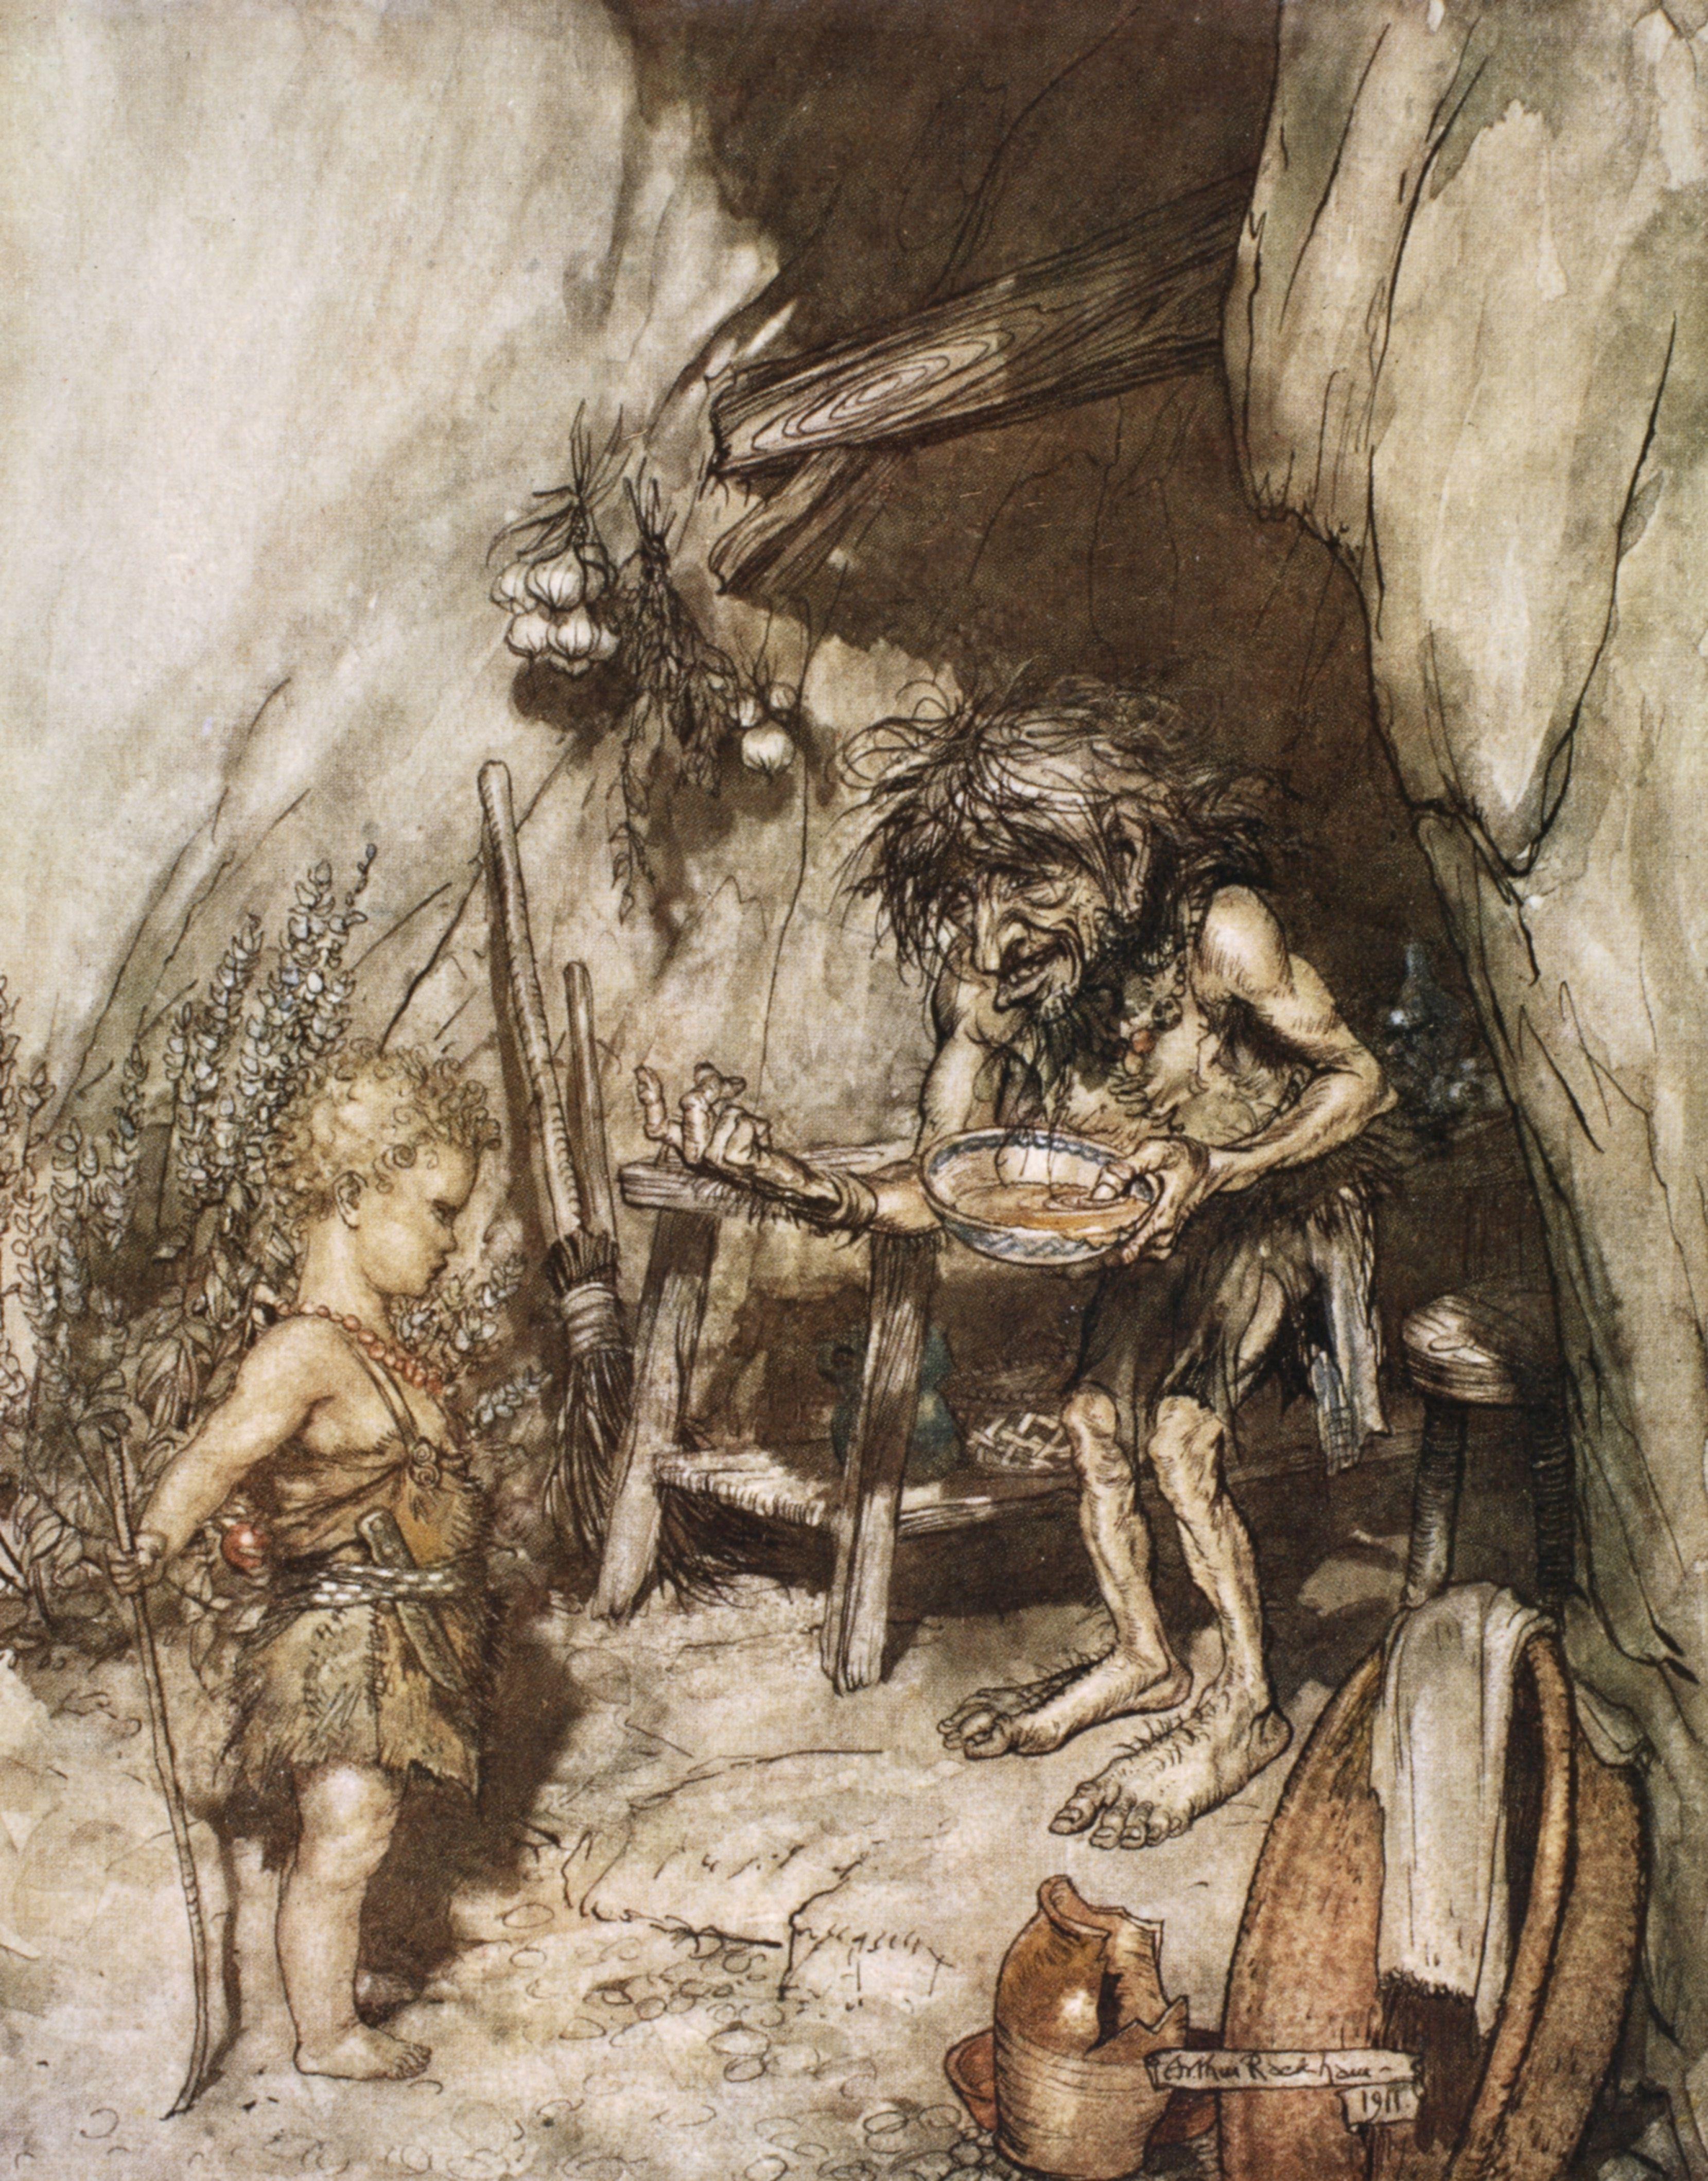 齊格菲由於母喪而被侏儒撫養長大。